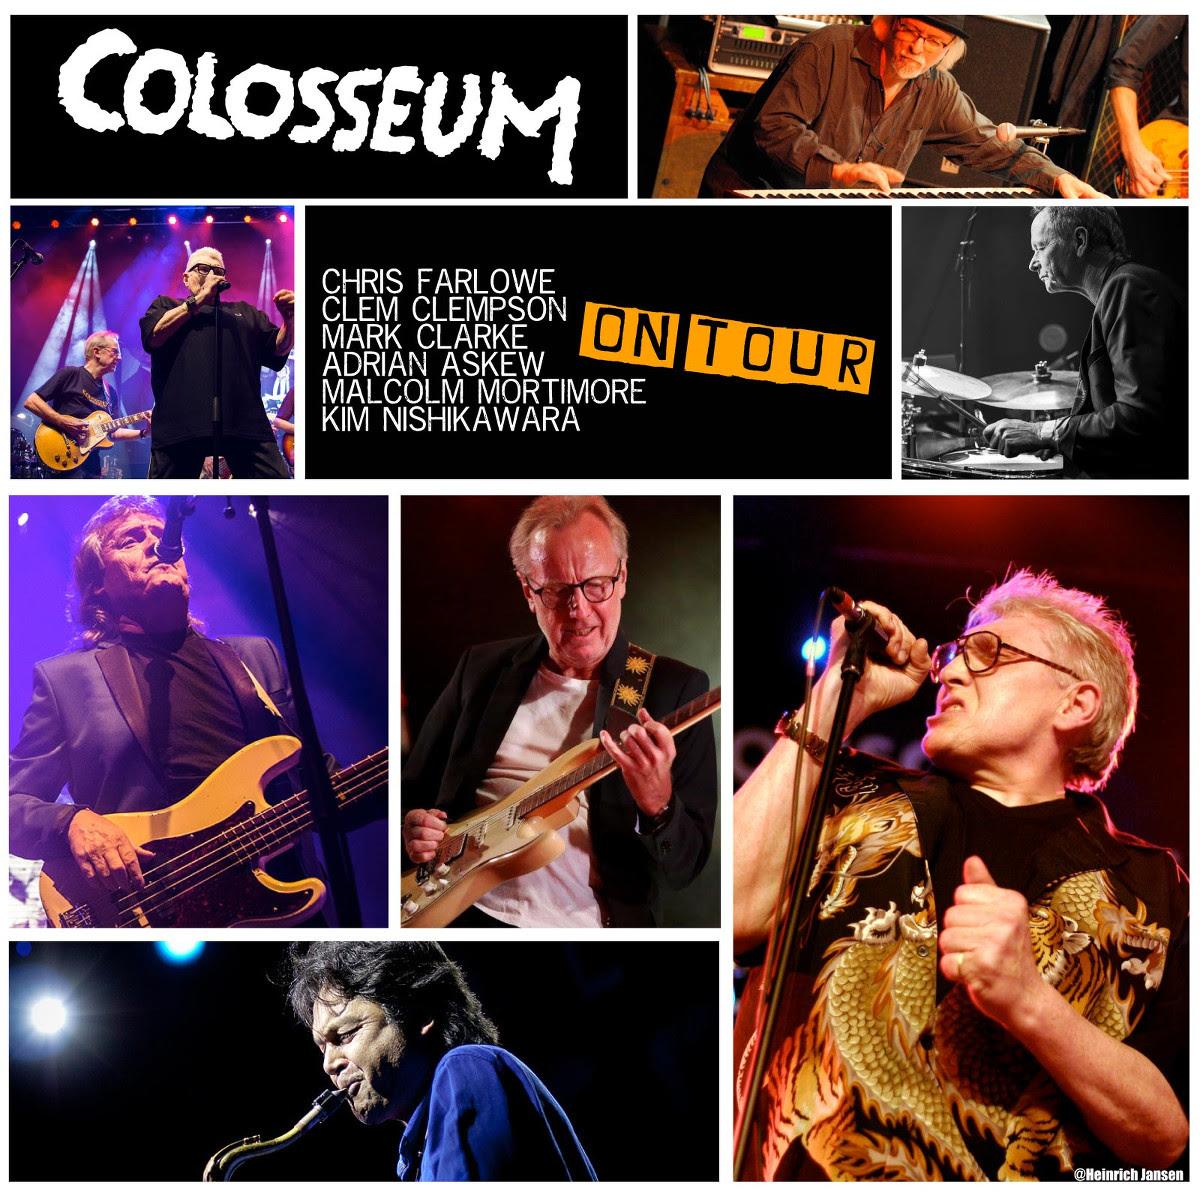 Progerockin jättiläiset Colosseum, Caravan, Soft Machine ja Man Helsinkiin ProgFeast-tapahtumaan syyskuussa 2021